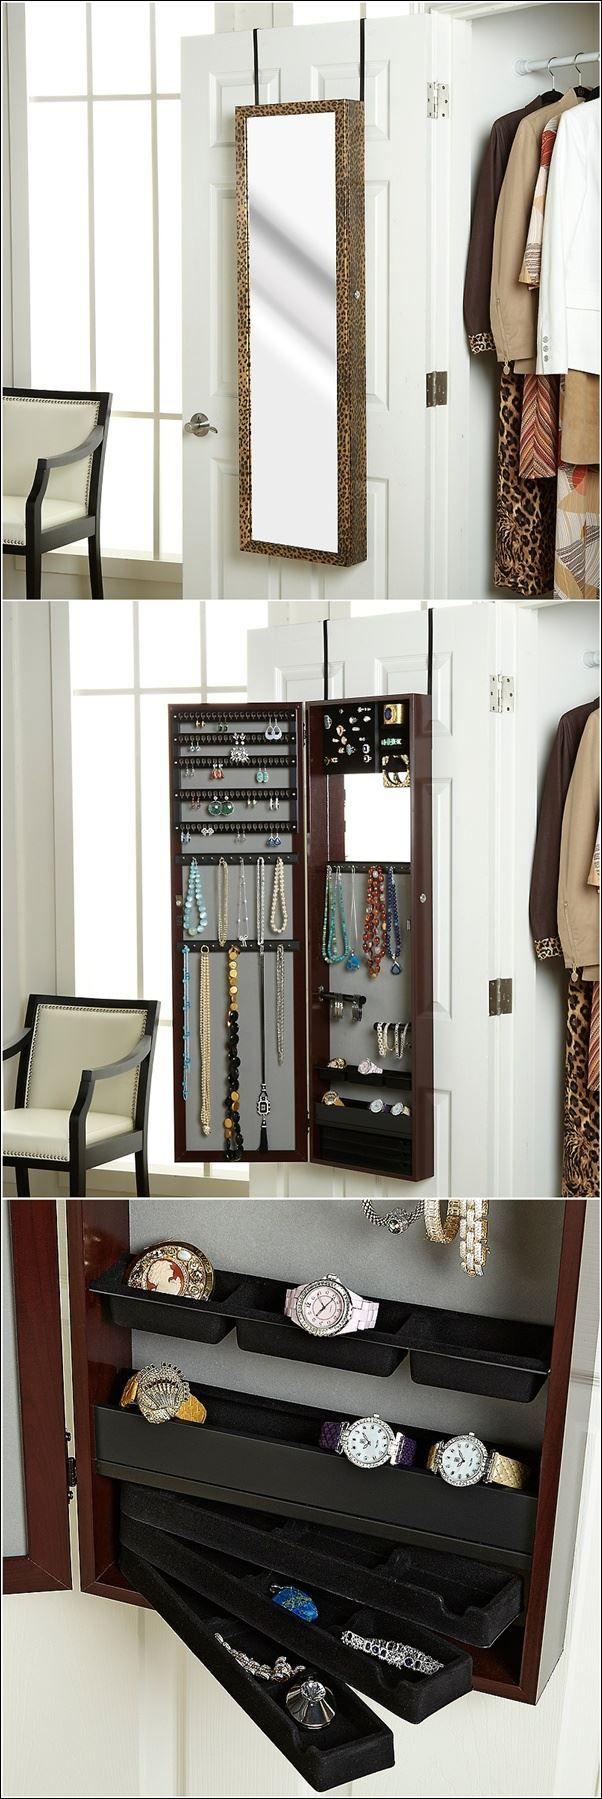 die besten 25 spiegel schmuckschrank ideen auf pinterest. Black Bedroom Furniture Sets. Home Design Ideas